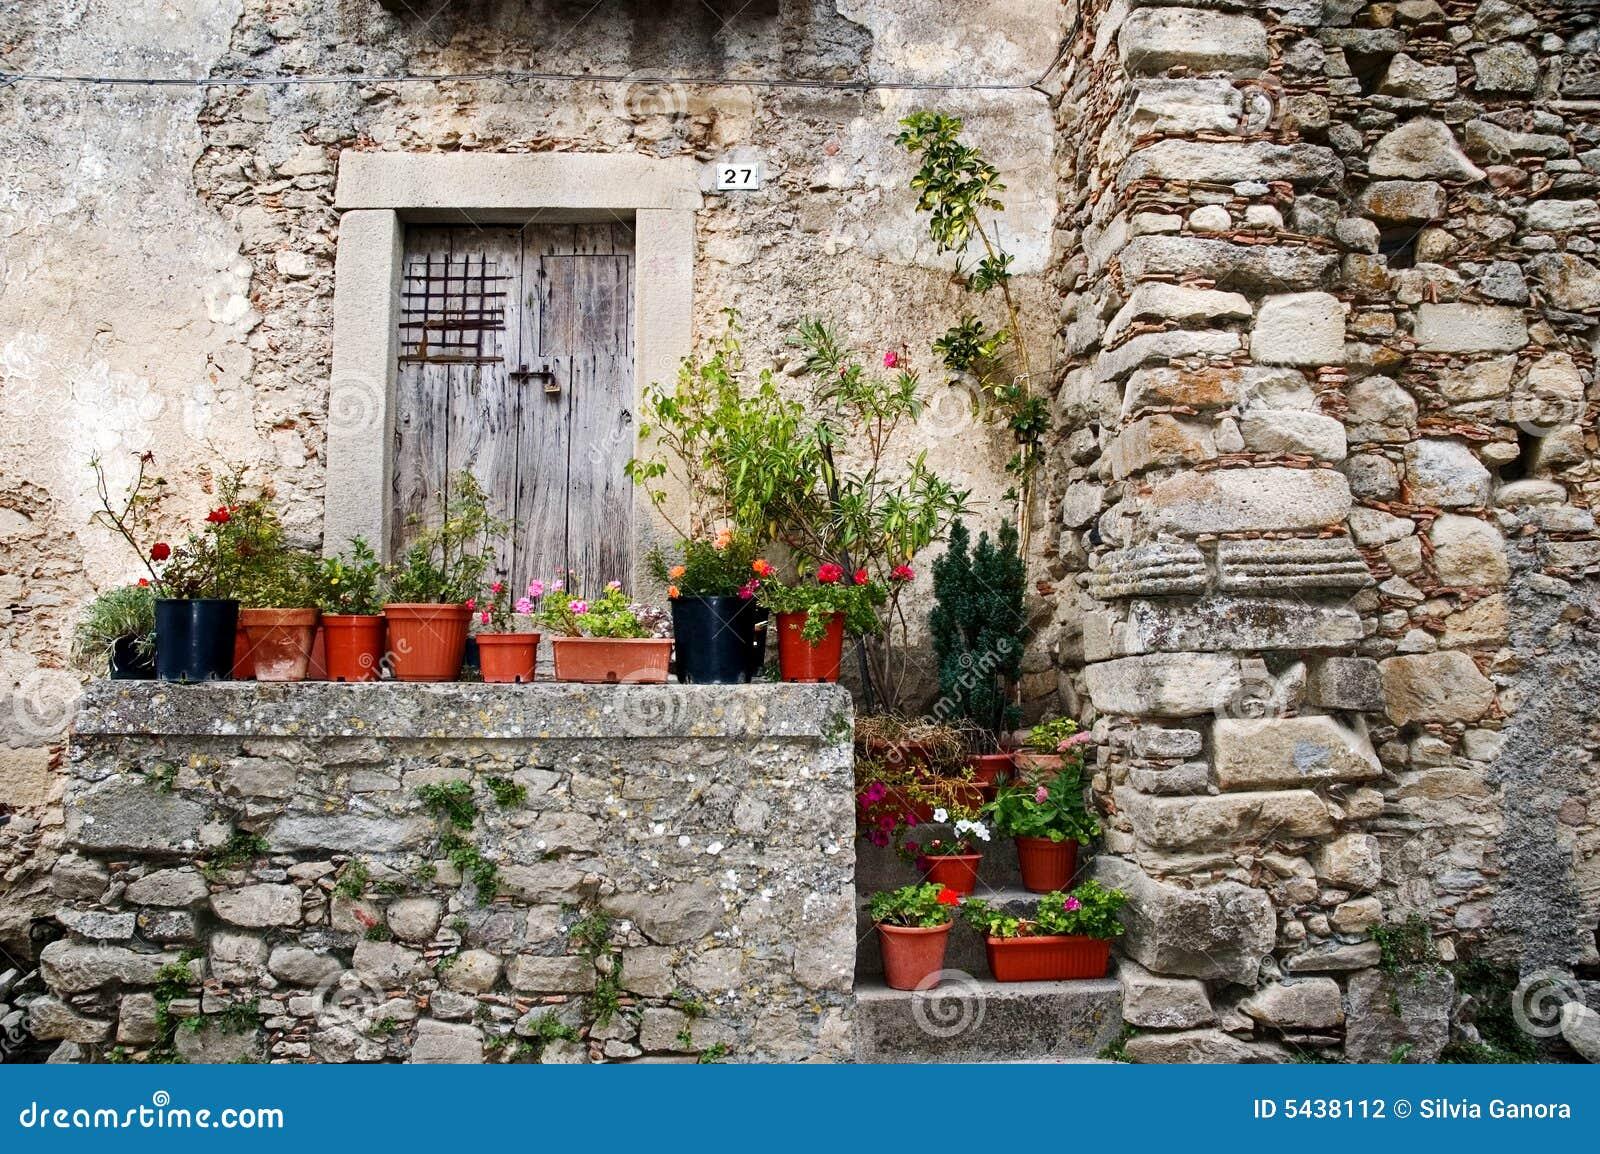 vieille maison en pierre italienne photo stock image du fleurs italien 5438112. Black Bedroom Furniture Sets. Home Design Ideas